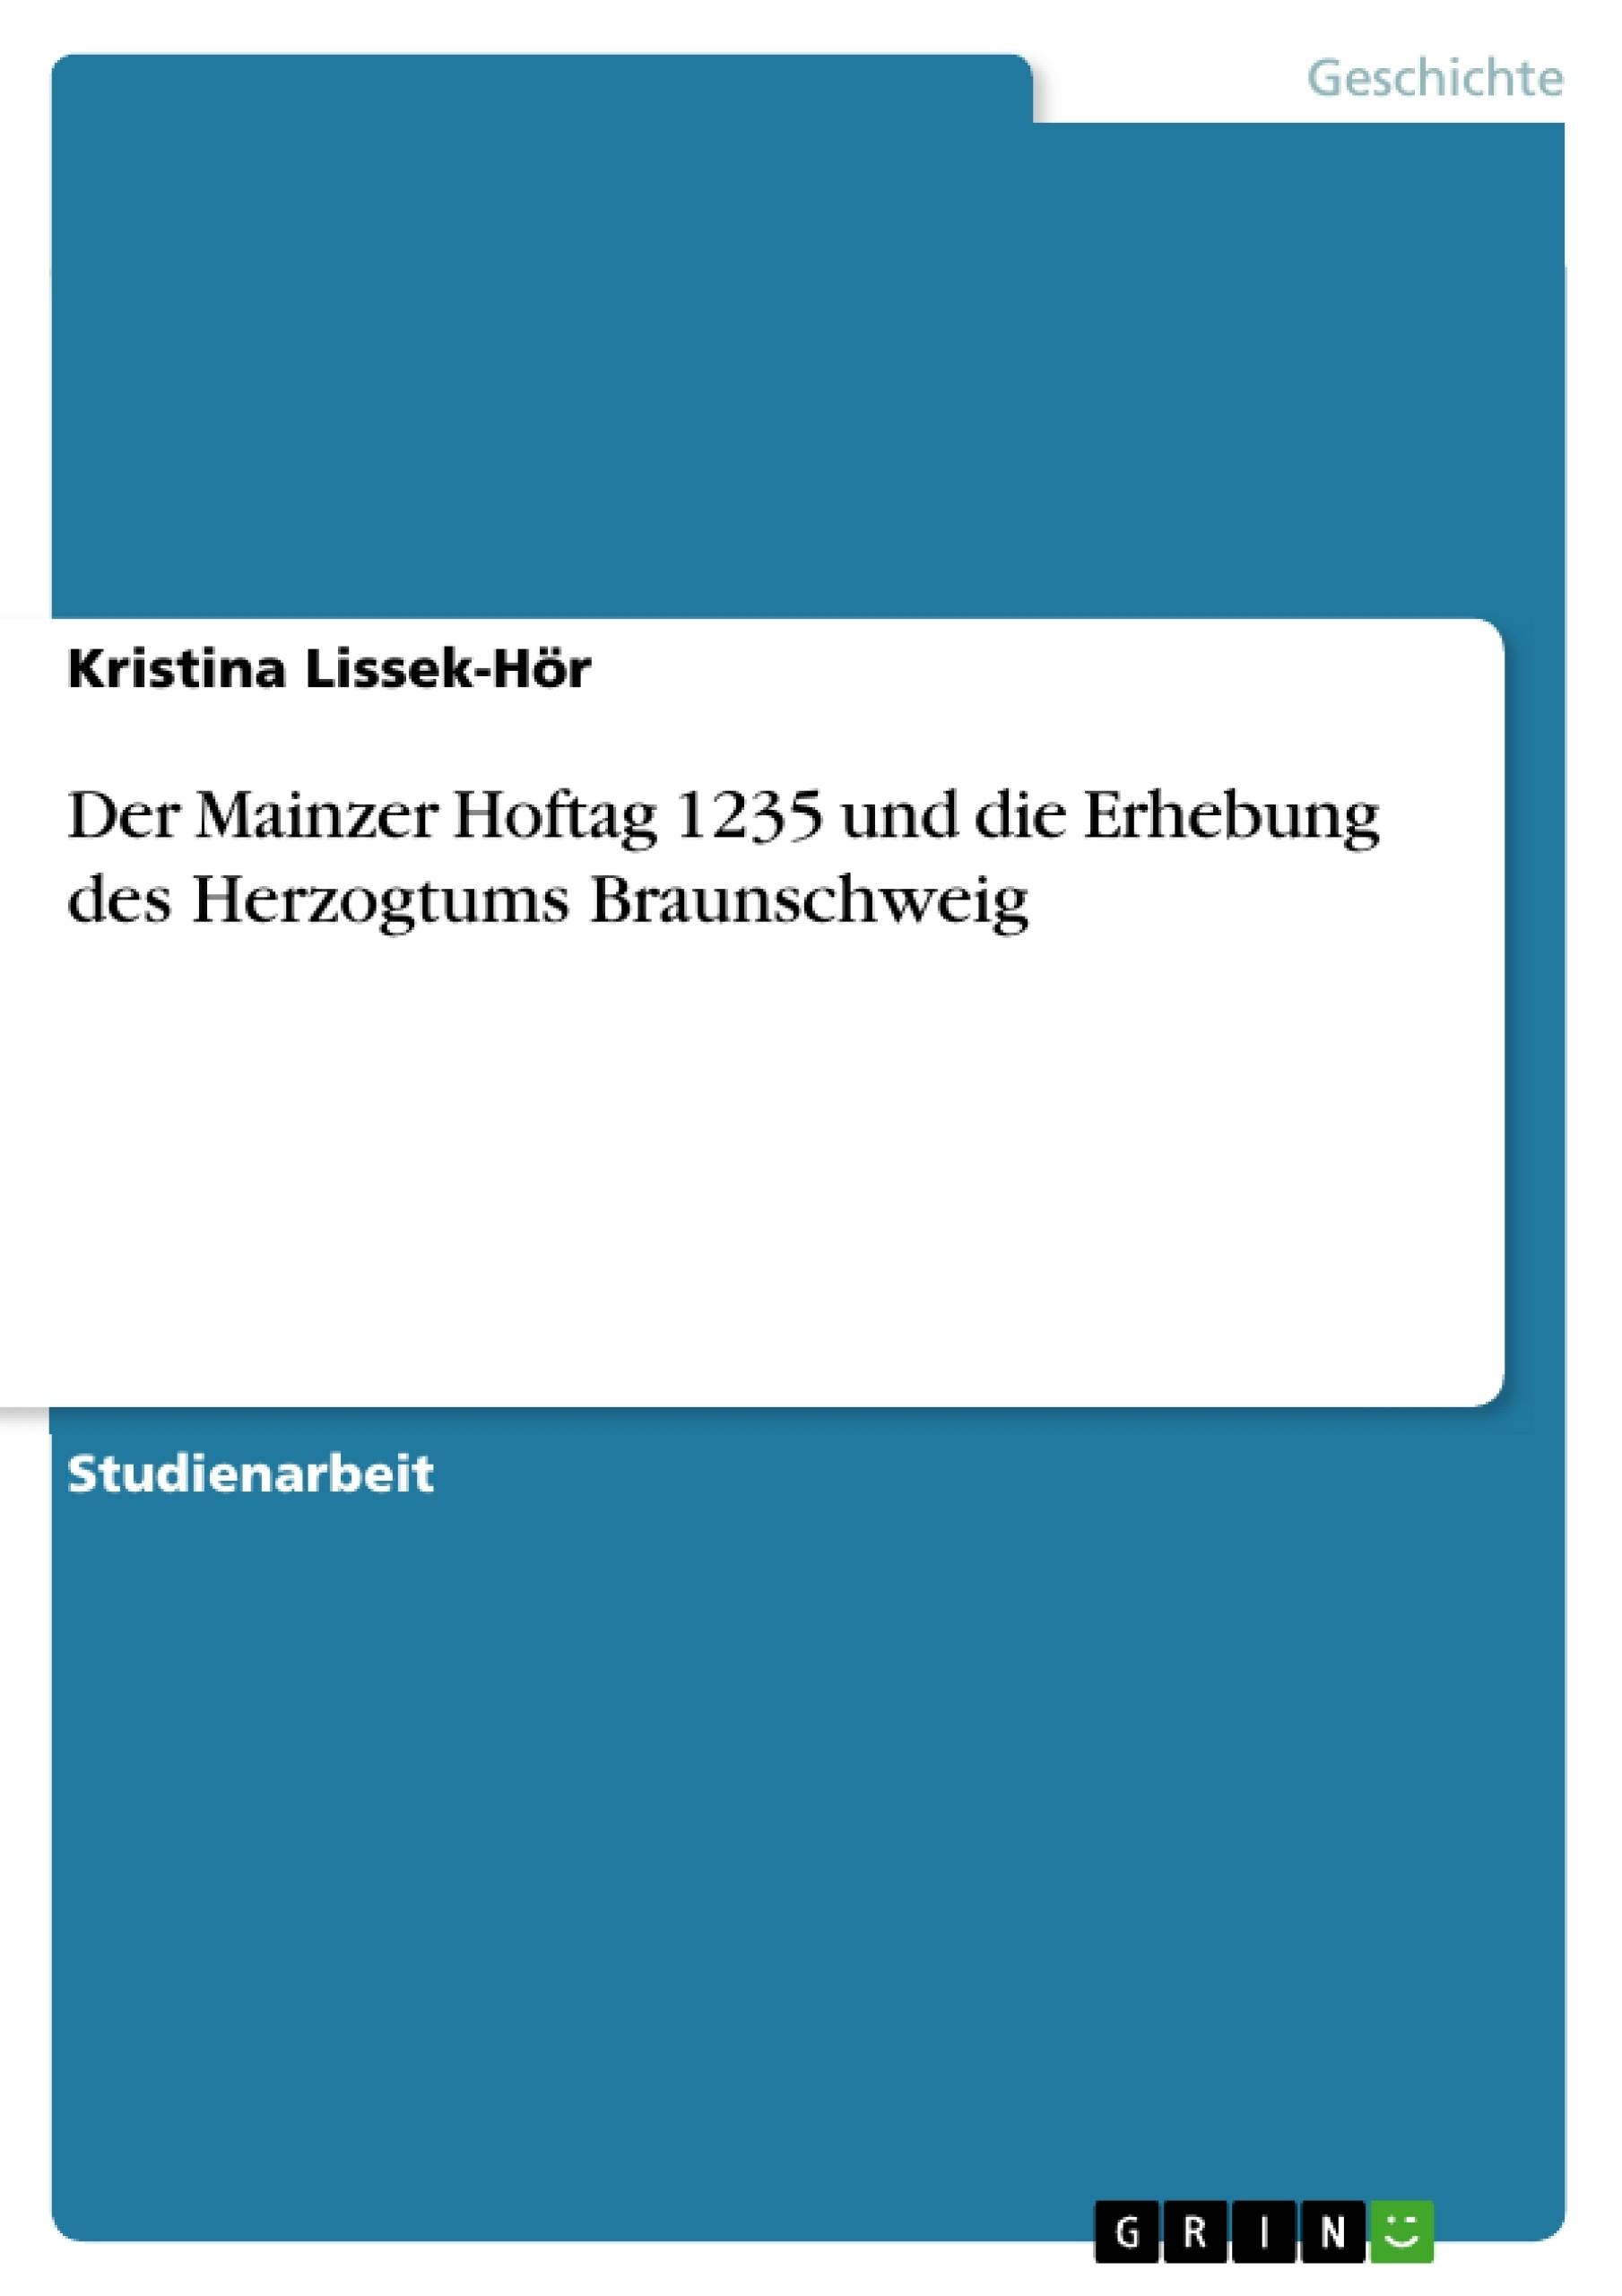 Titel: Der Mainzer Hoftag 1235 und die Erhebung des Herzogtums Braunschweig